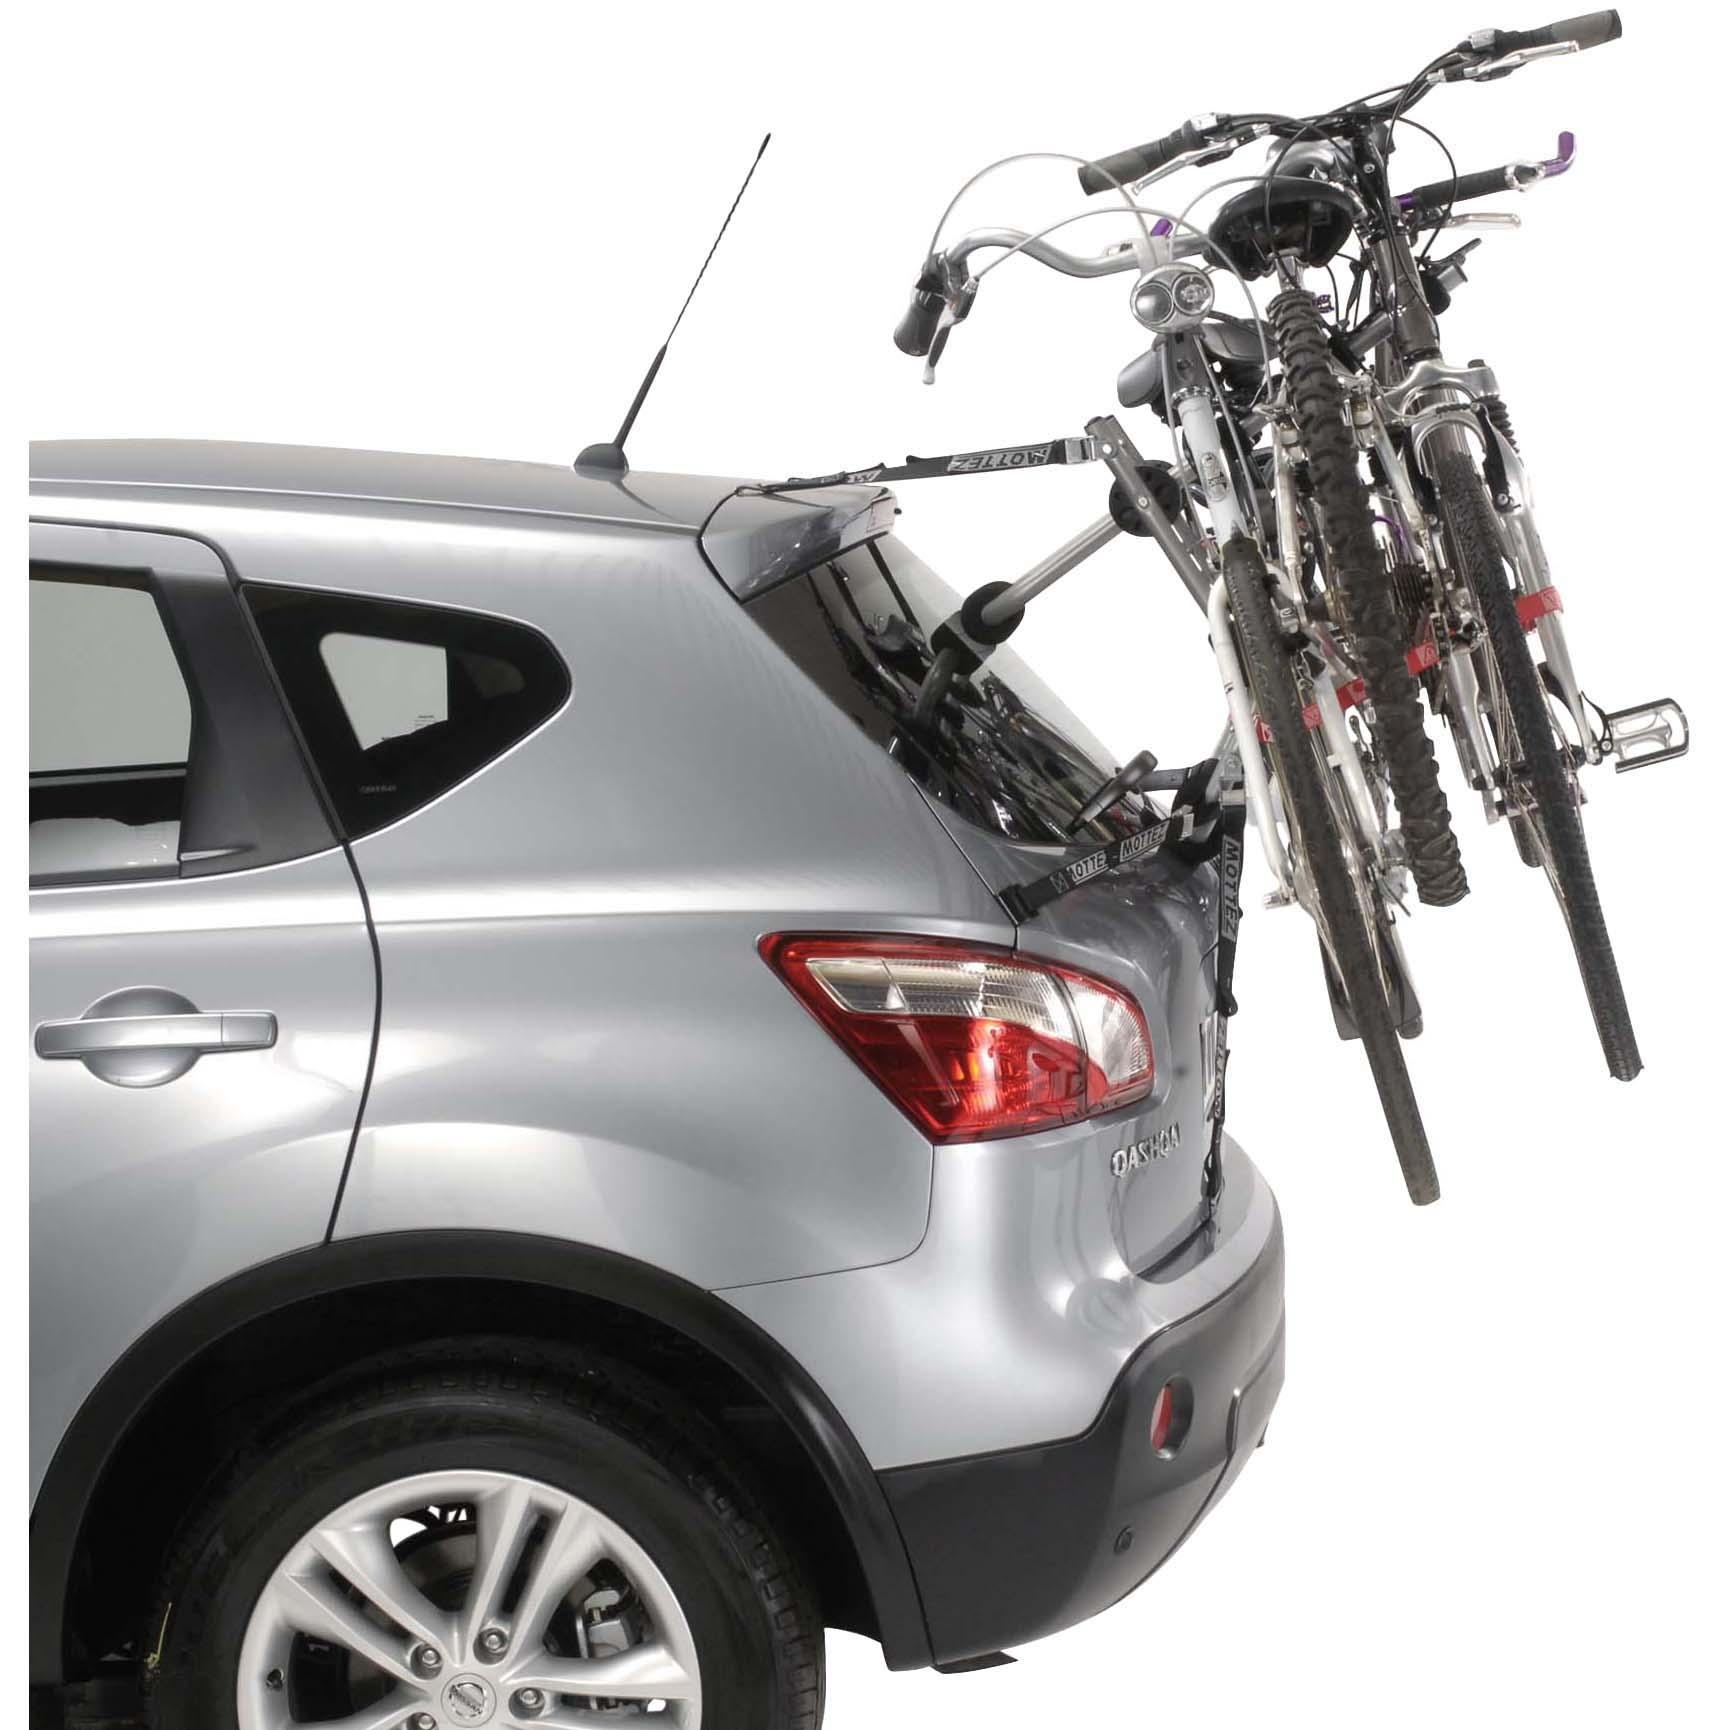 Porte-vélos Ride Simple E-Bike sur hayon 3 vélos attelage vélo sur hayon porteur